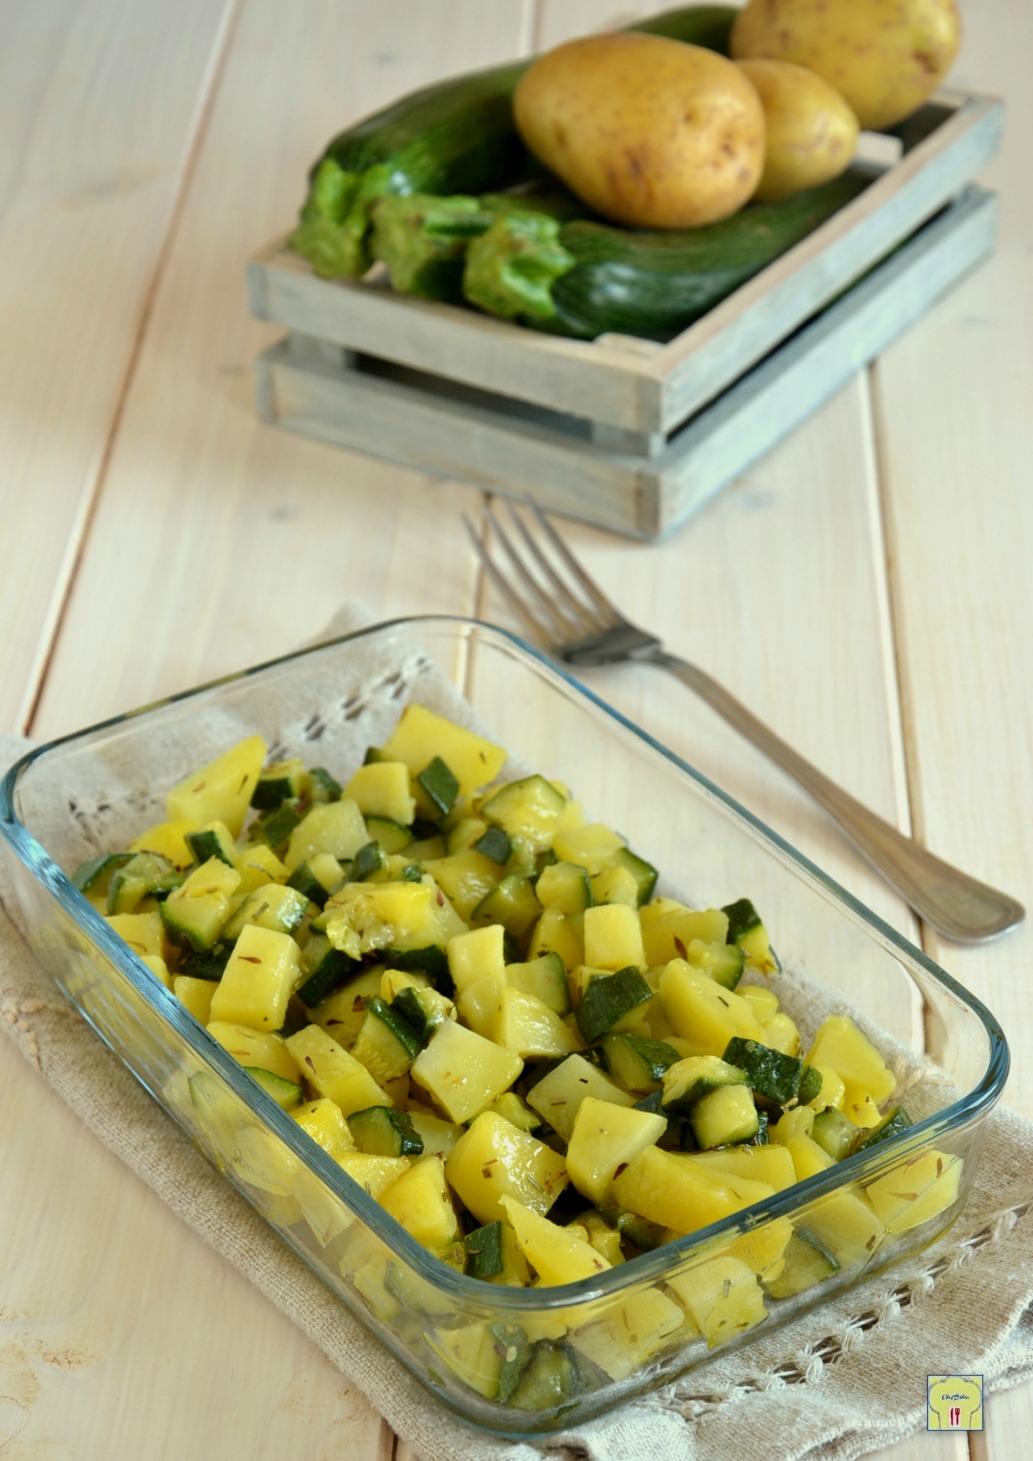 Patate e zucchine al microonde ricetta vegana facile e veloce for Microonde ricette